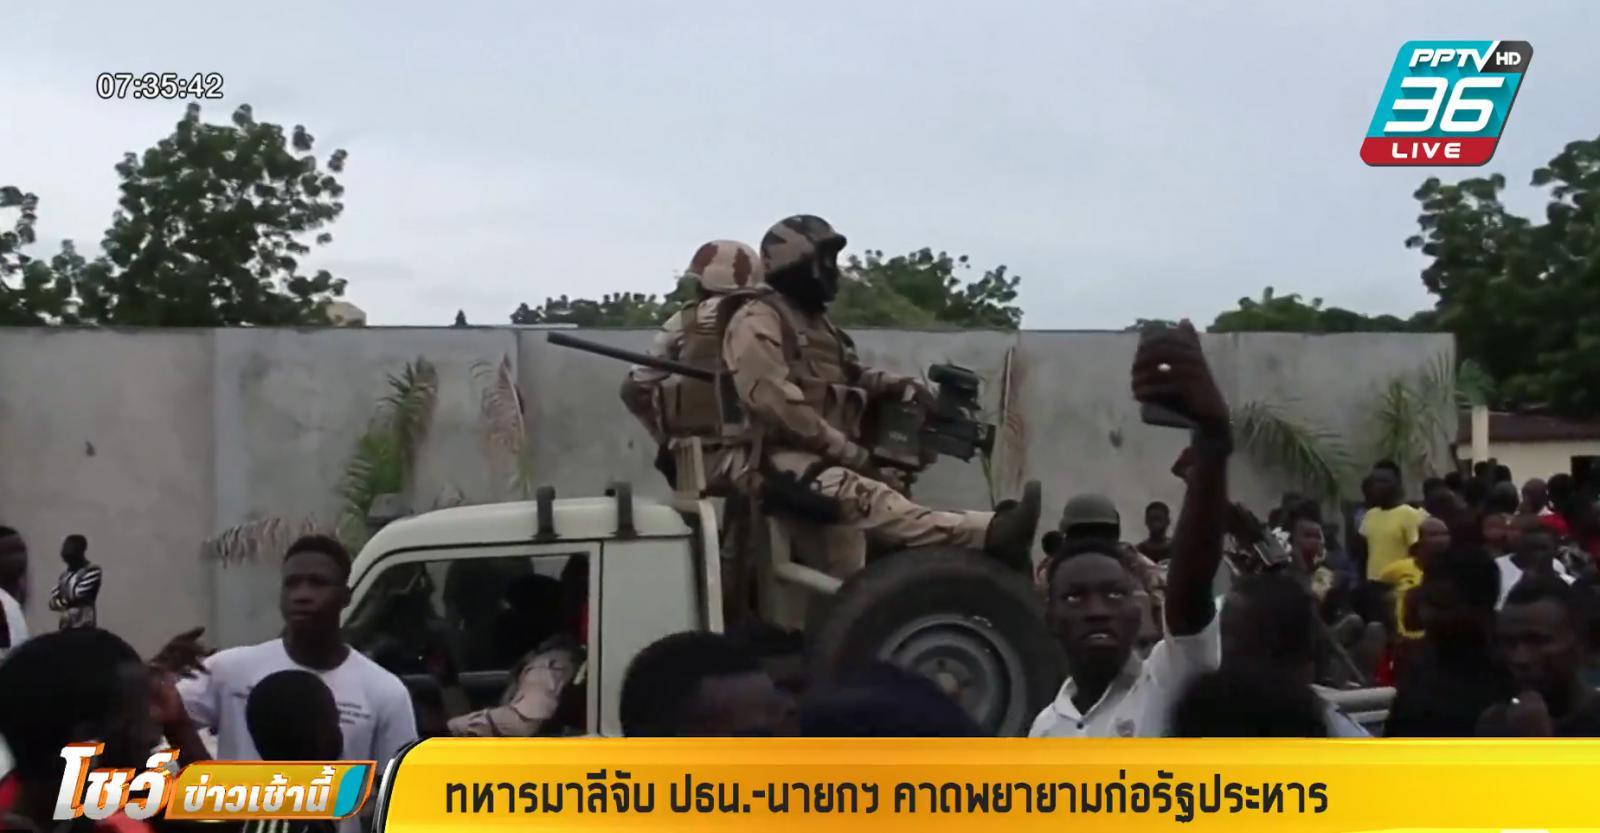 ทหารมาลีจับ ปธน.-นายกฯ คาดพยามก่อรัฐประหาร